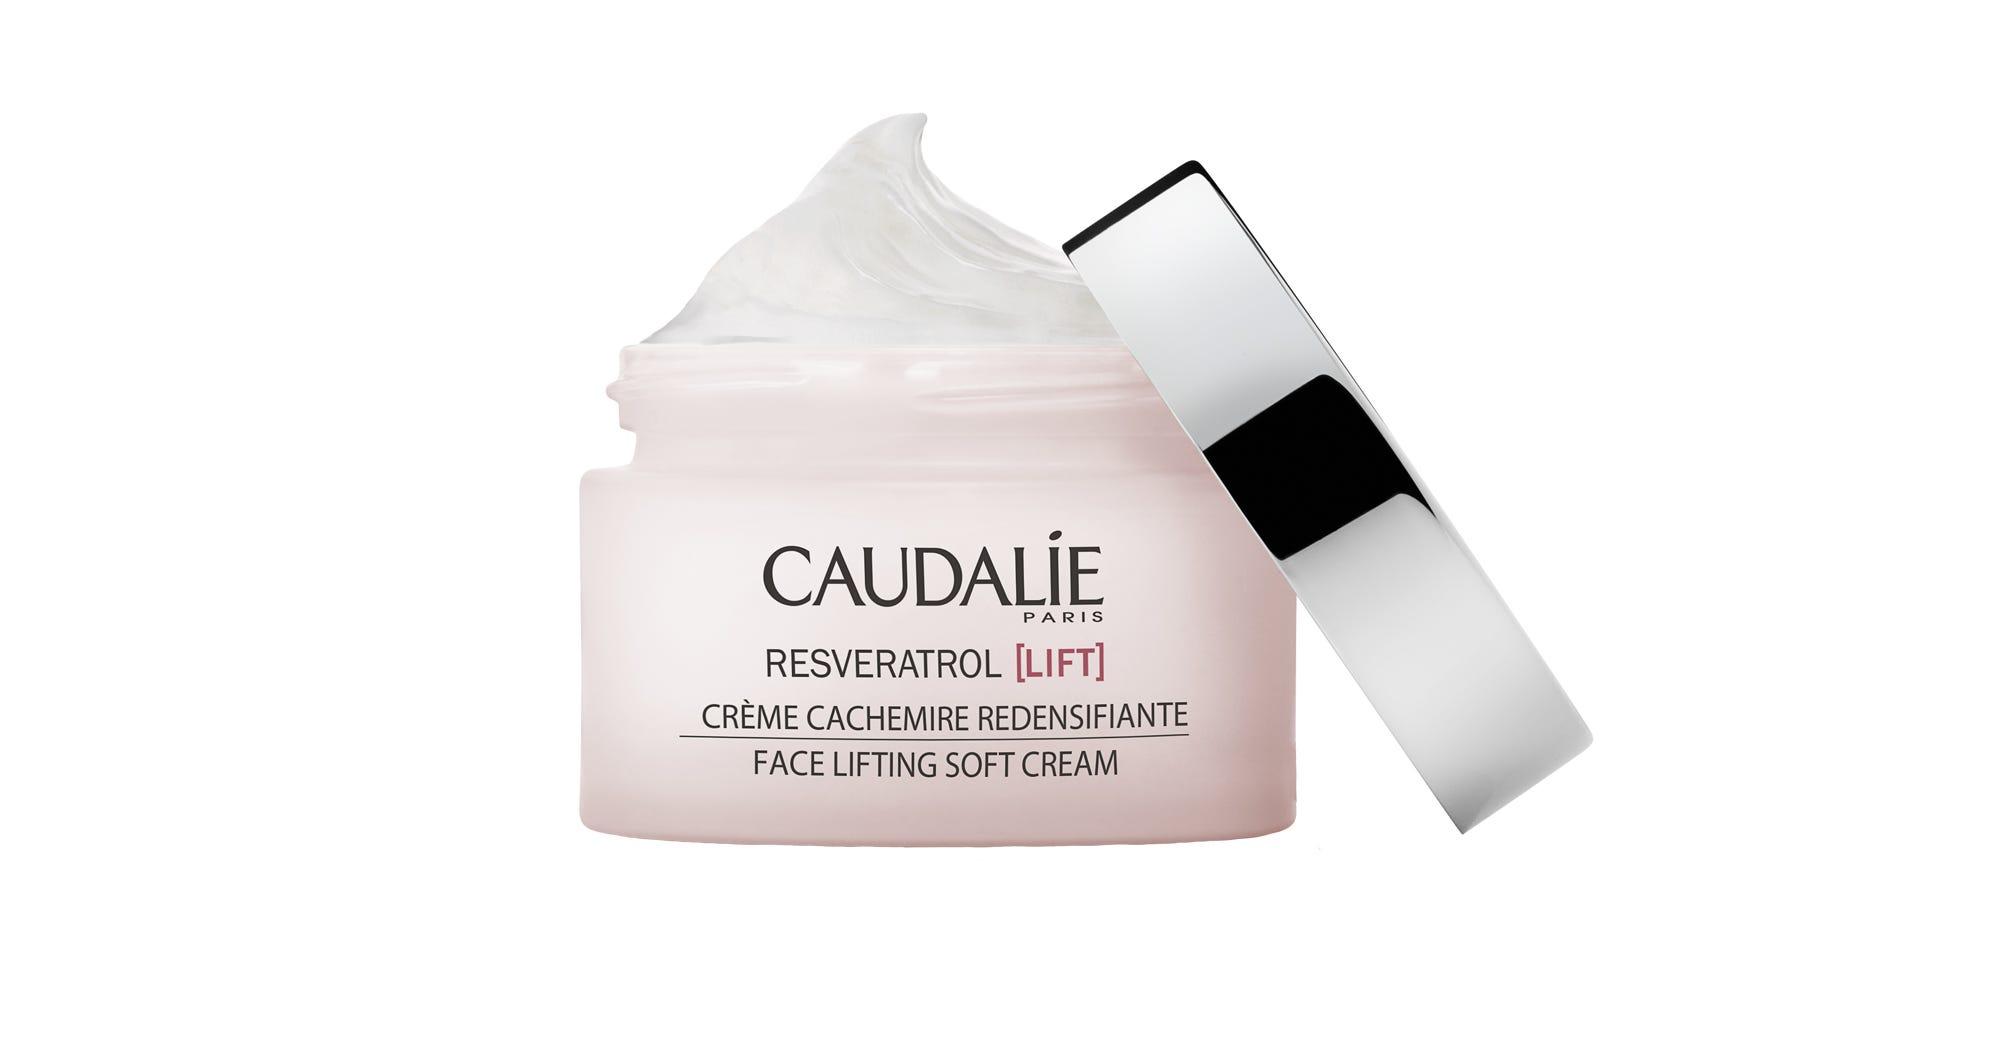 New Caudalie Resveratrol Face Lifting Cream Review